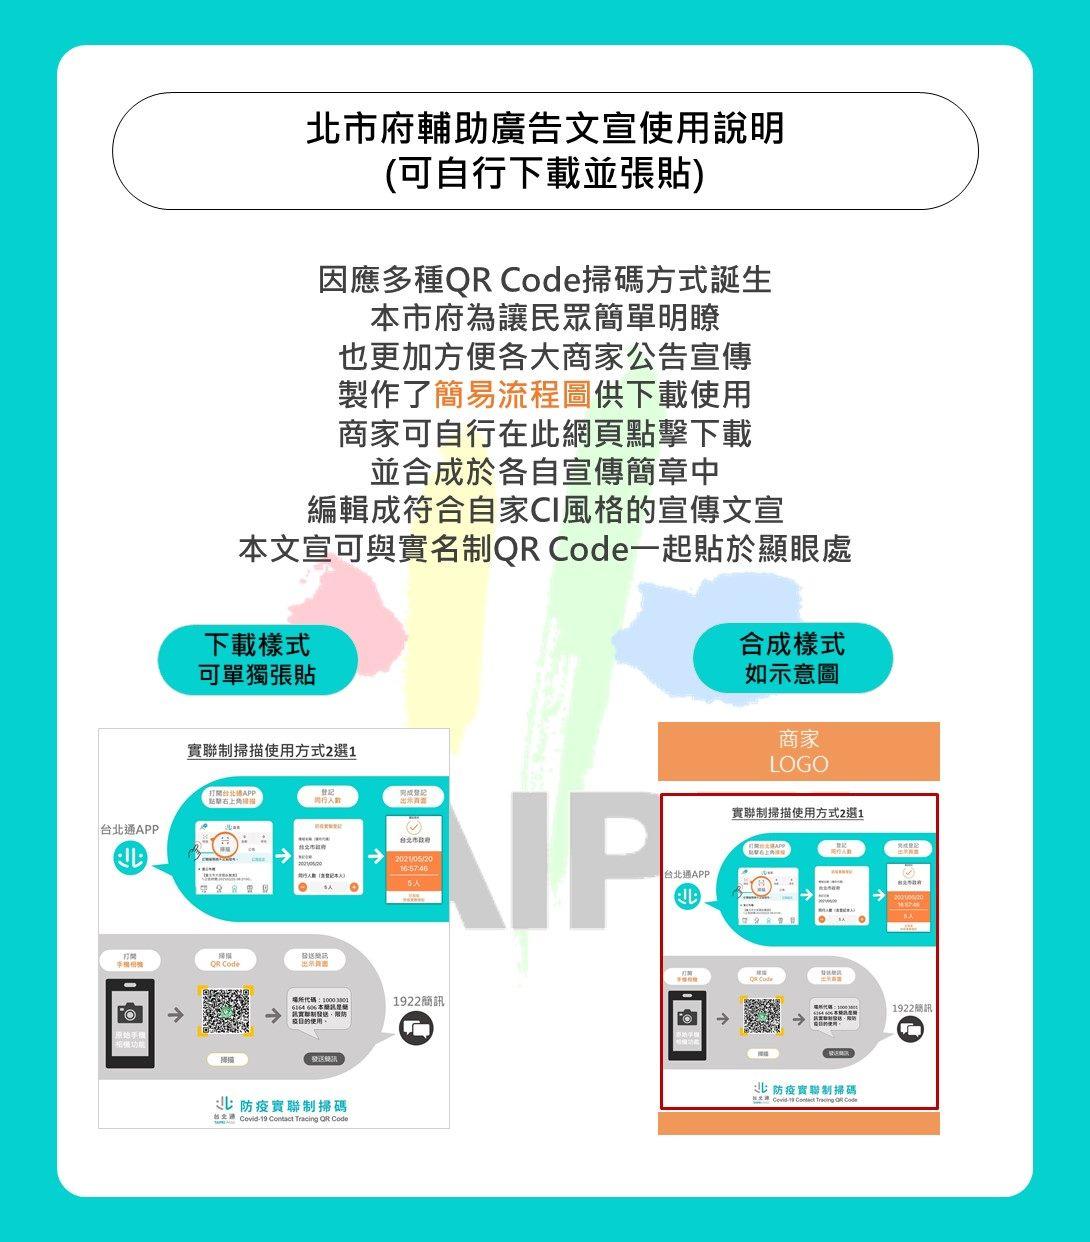 因應多種QR Code掃碼方式誕生,本市府為讓民眾簡單明瞭,也更加方便各大商家公告宣傳,製作了簡易流程圖供下載使用,商家可自行在此網頁點擊下載,並合成於各自宣傳簡章中,編輯成符合自家CI風格的宣傳文宣,本文宣可與實名制QR Code一起貼於顯眼處